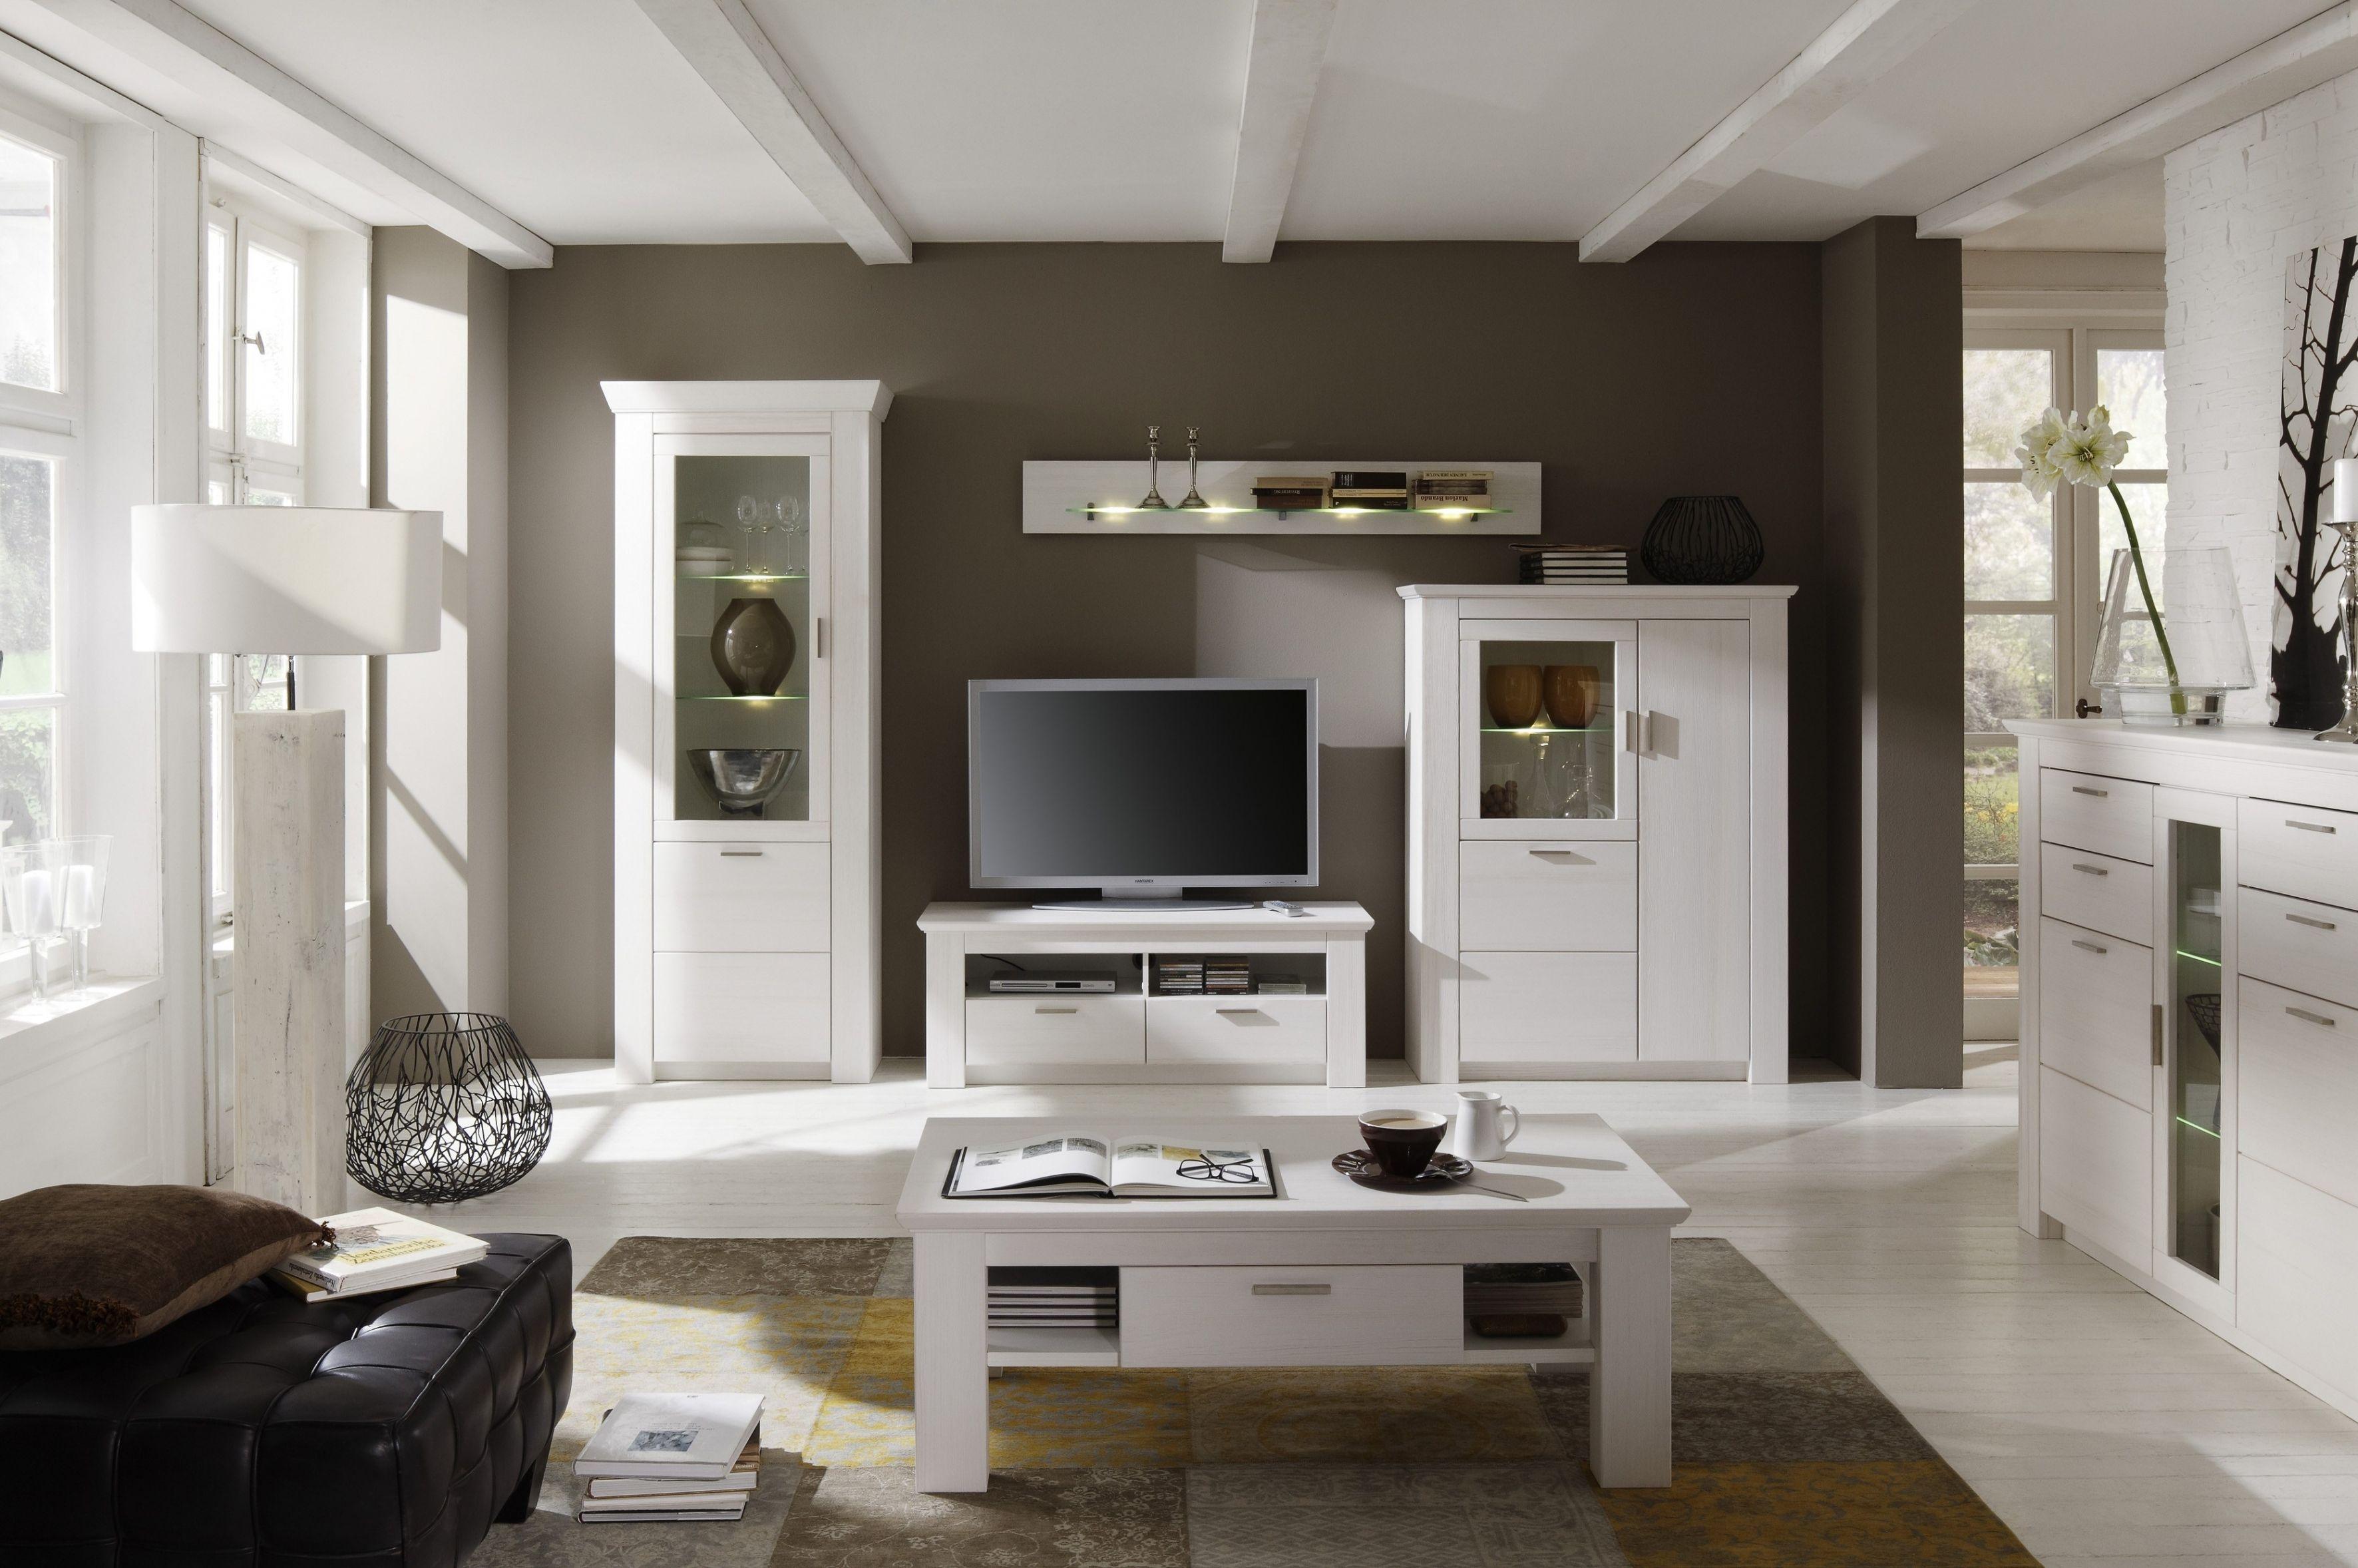 Glasbilder Wohnzimmer ~ Elegant wohnzimmer renovieren bilder wohnzimmer deko